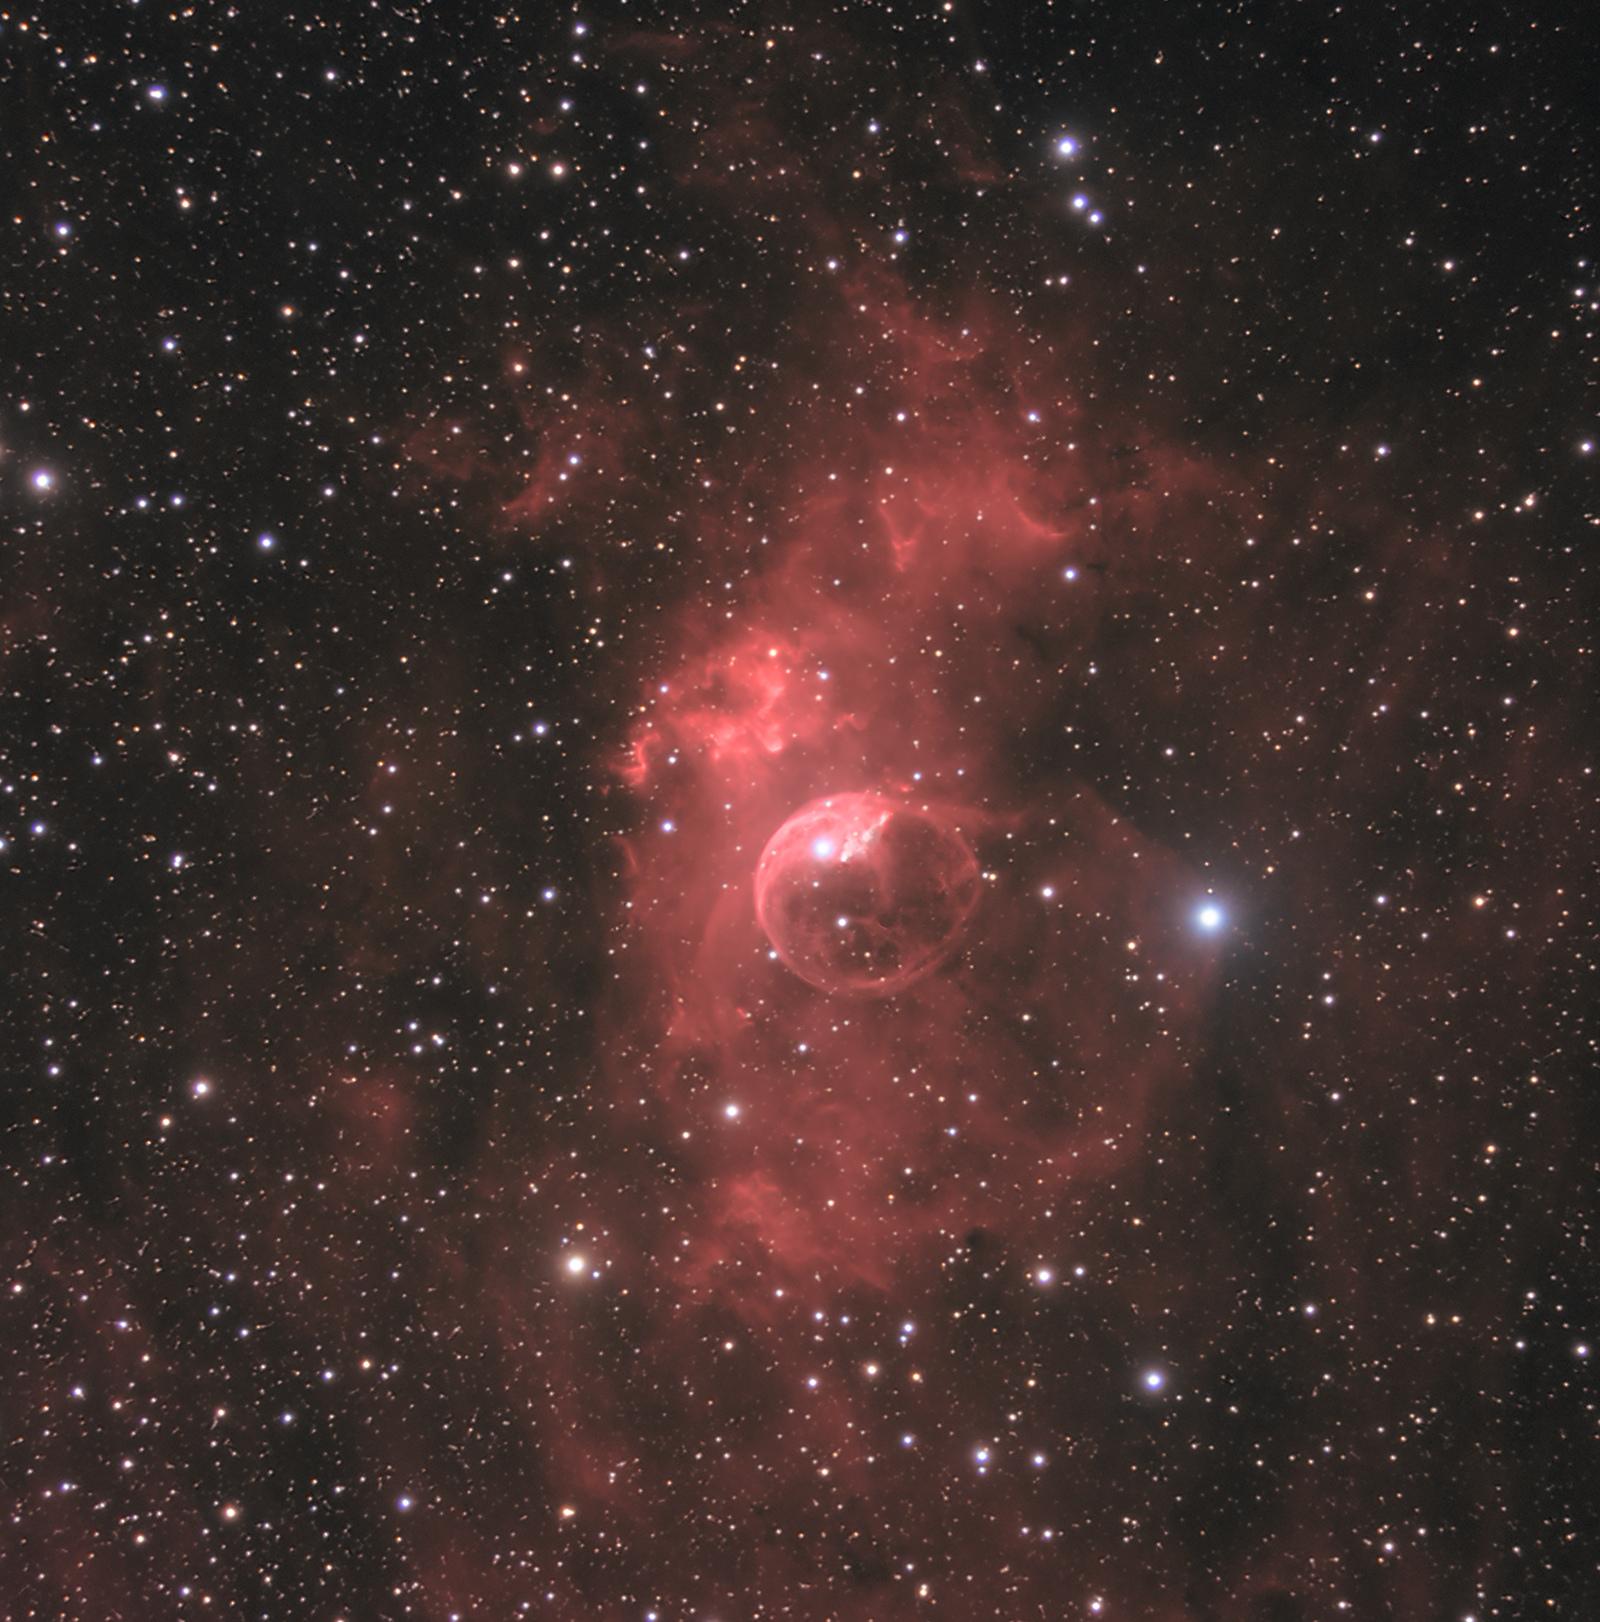 5d4da57934304_NGC7635_2.jpg.471b073a0bfa4f439035935381e72ad8.jpg